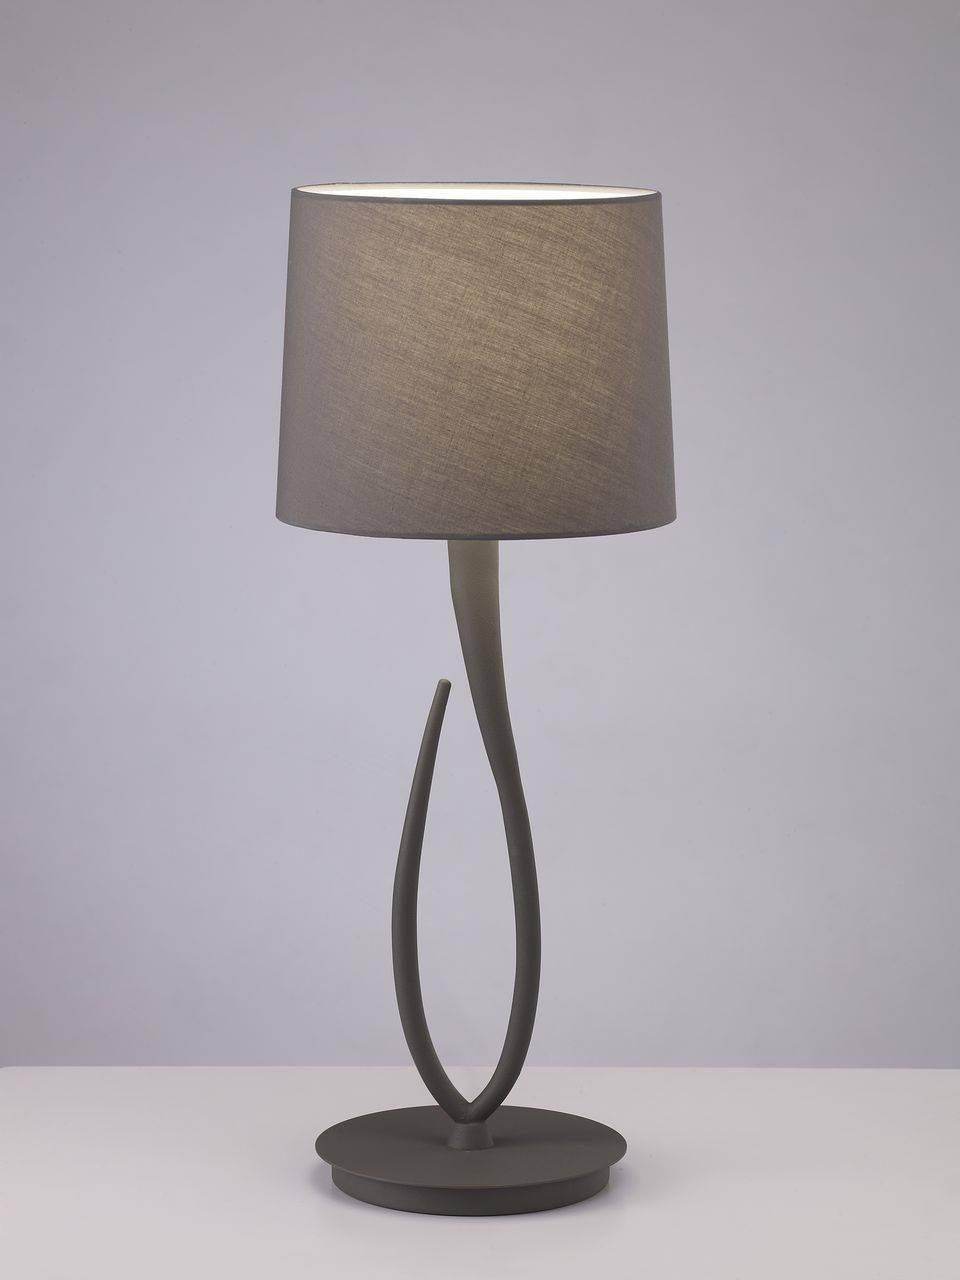 Настольная лампа Mantra Lua 3688 настольная лампа mantra lua 3688